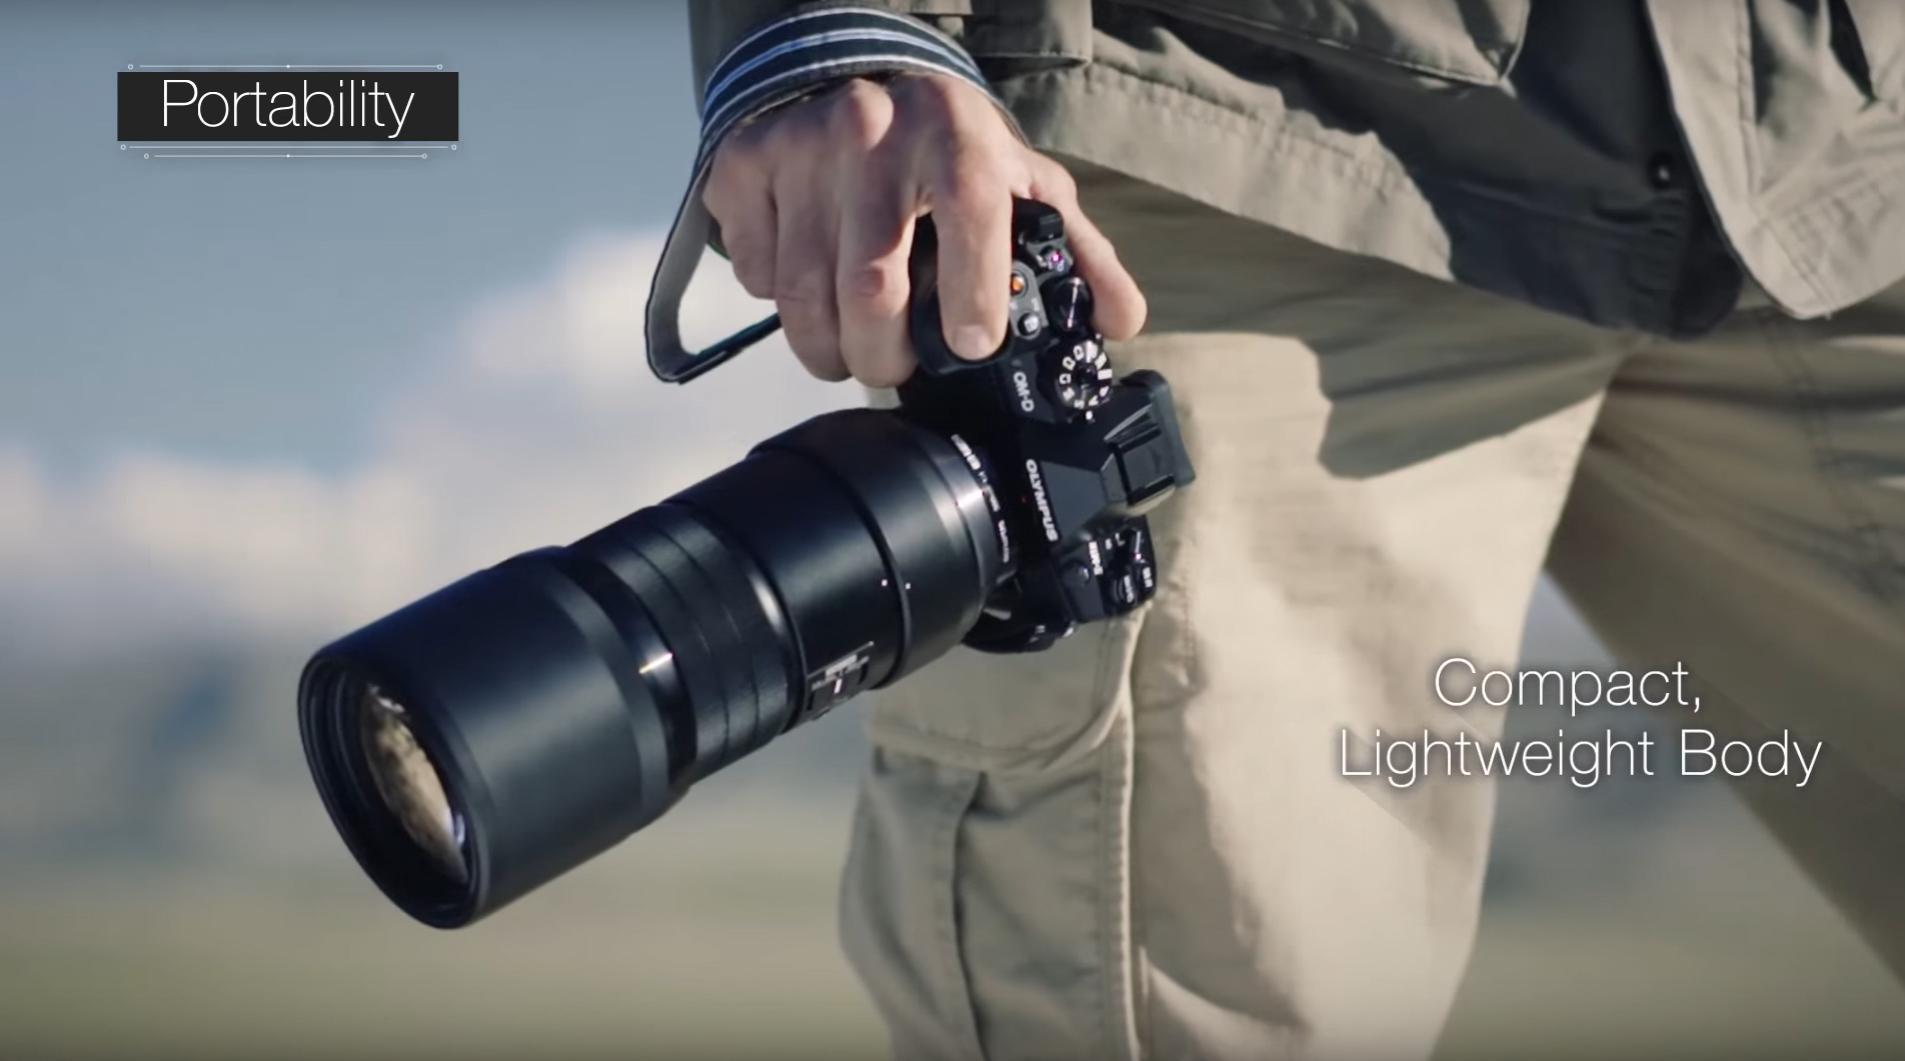 Det er alltid litt interessant å se hva produsentene forsøker fremheve med kameraene sine, og denne gangen ser budskapet ut til å være et kamera som kan takle omtrent alt, over alt. Og de er ikke helt på jordet. Vel, jo, der også, men du skjønner... Moving on!